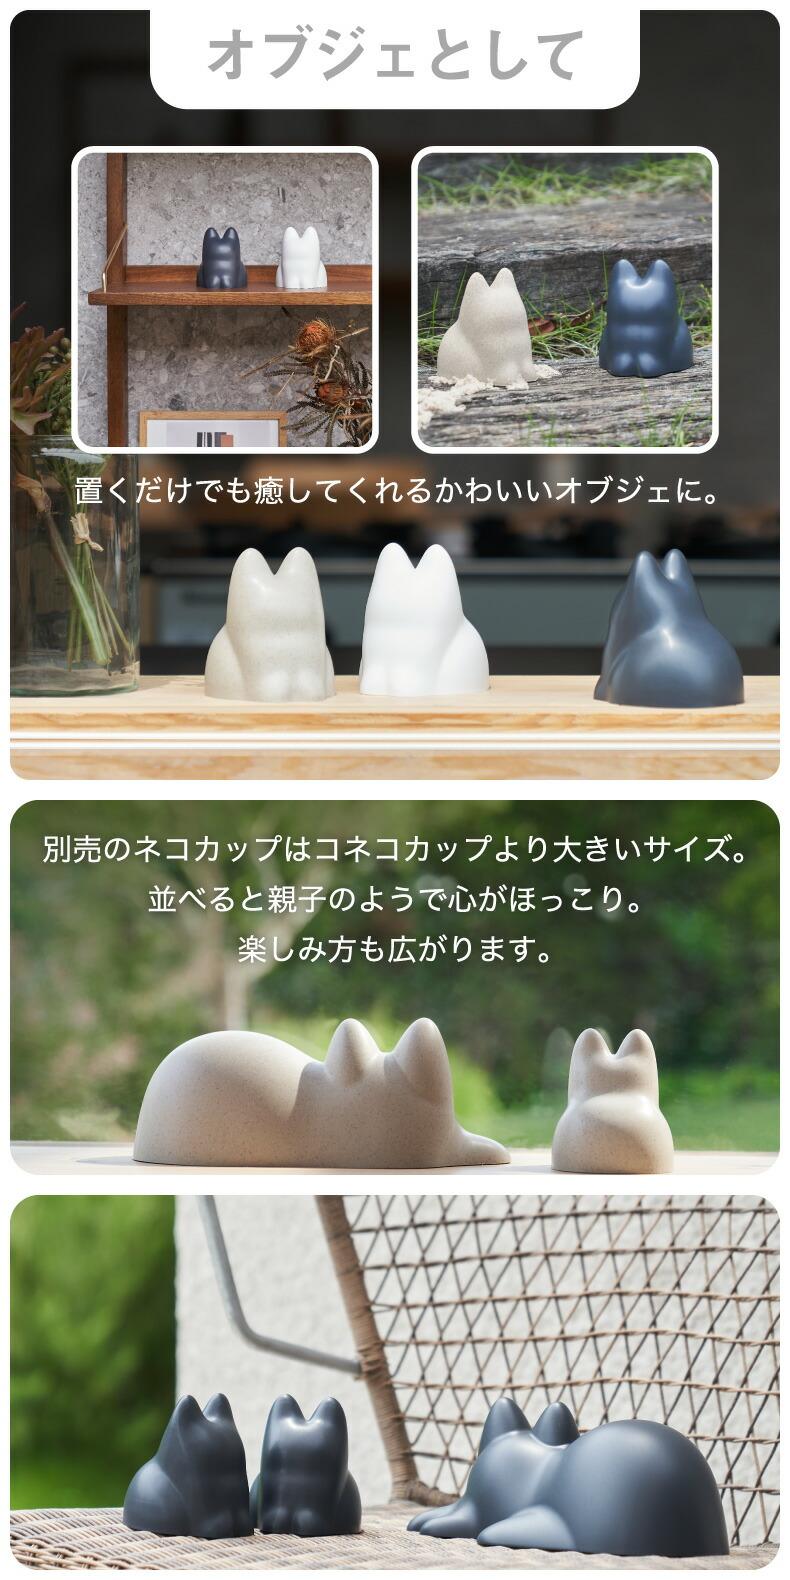 +d コネコカップ nekocup コネコ 猫 cup カップ 砂場遊び 砂遊び 砂型 型抜き 料理 ごはん